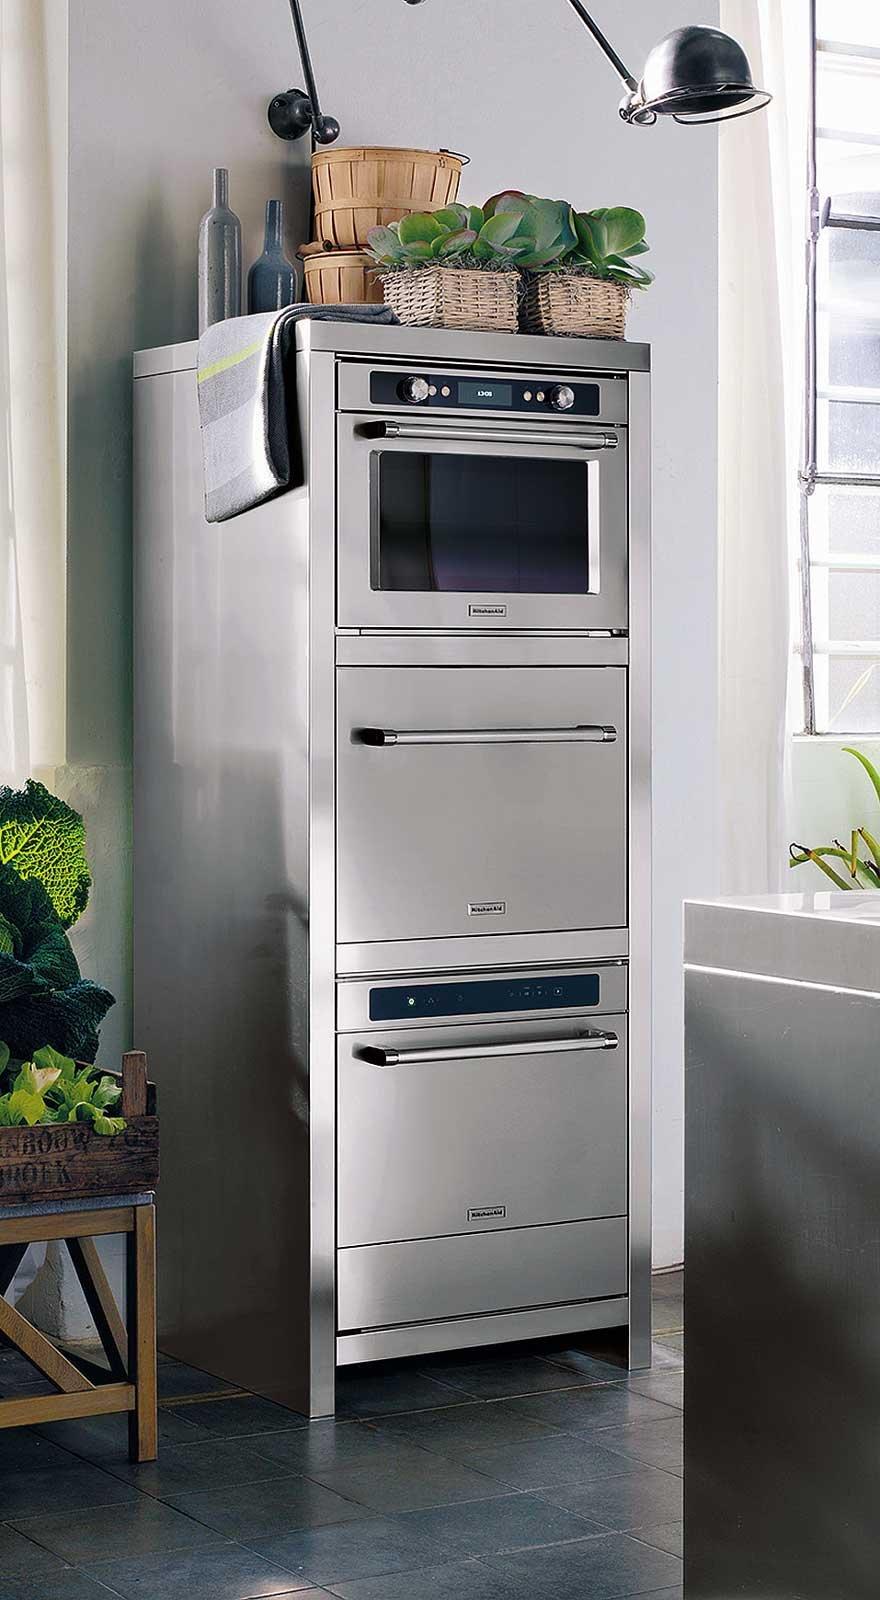 Elettrodomestici da chef: come attrezzare al meglio la cucina ...